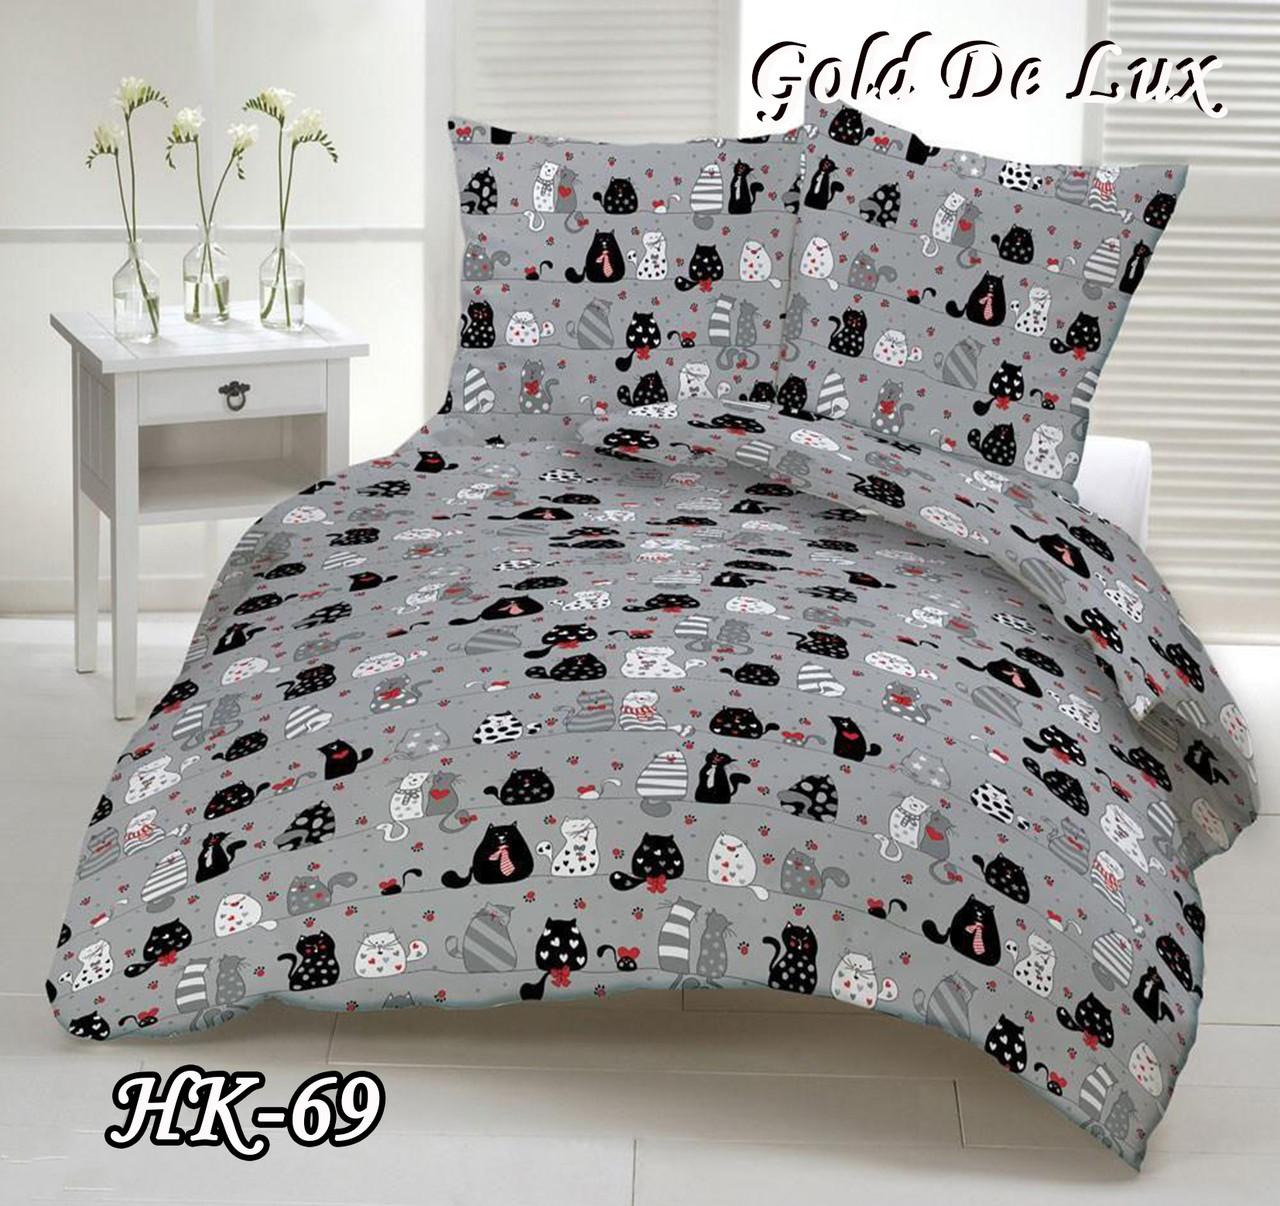 Полуторное постельное белье Тет-А-Тет НК-69(эконом)